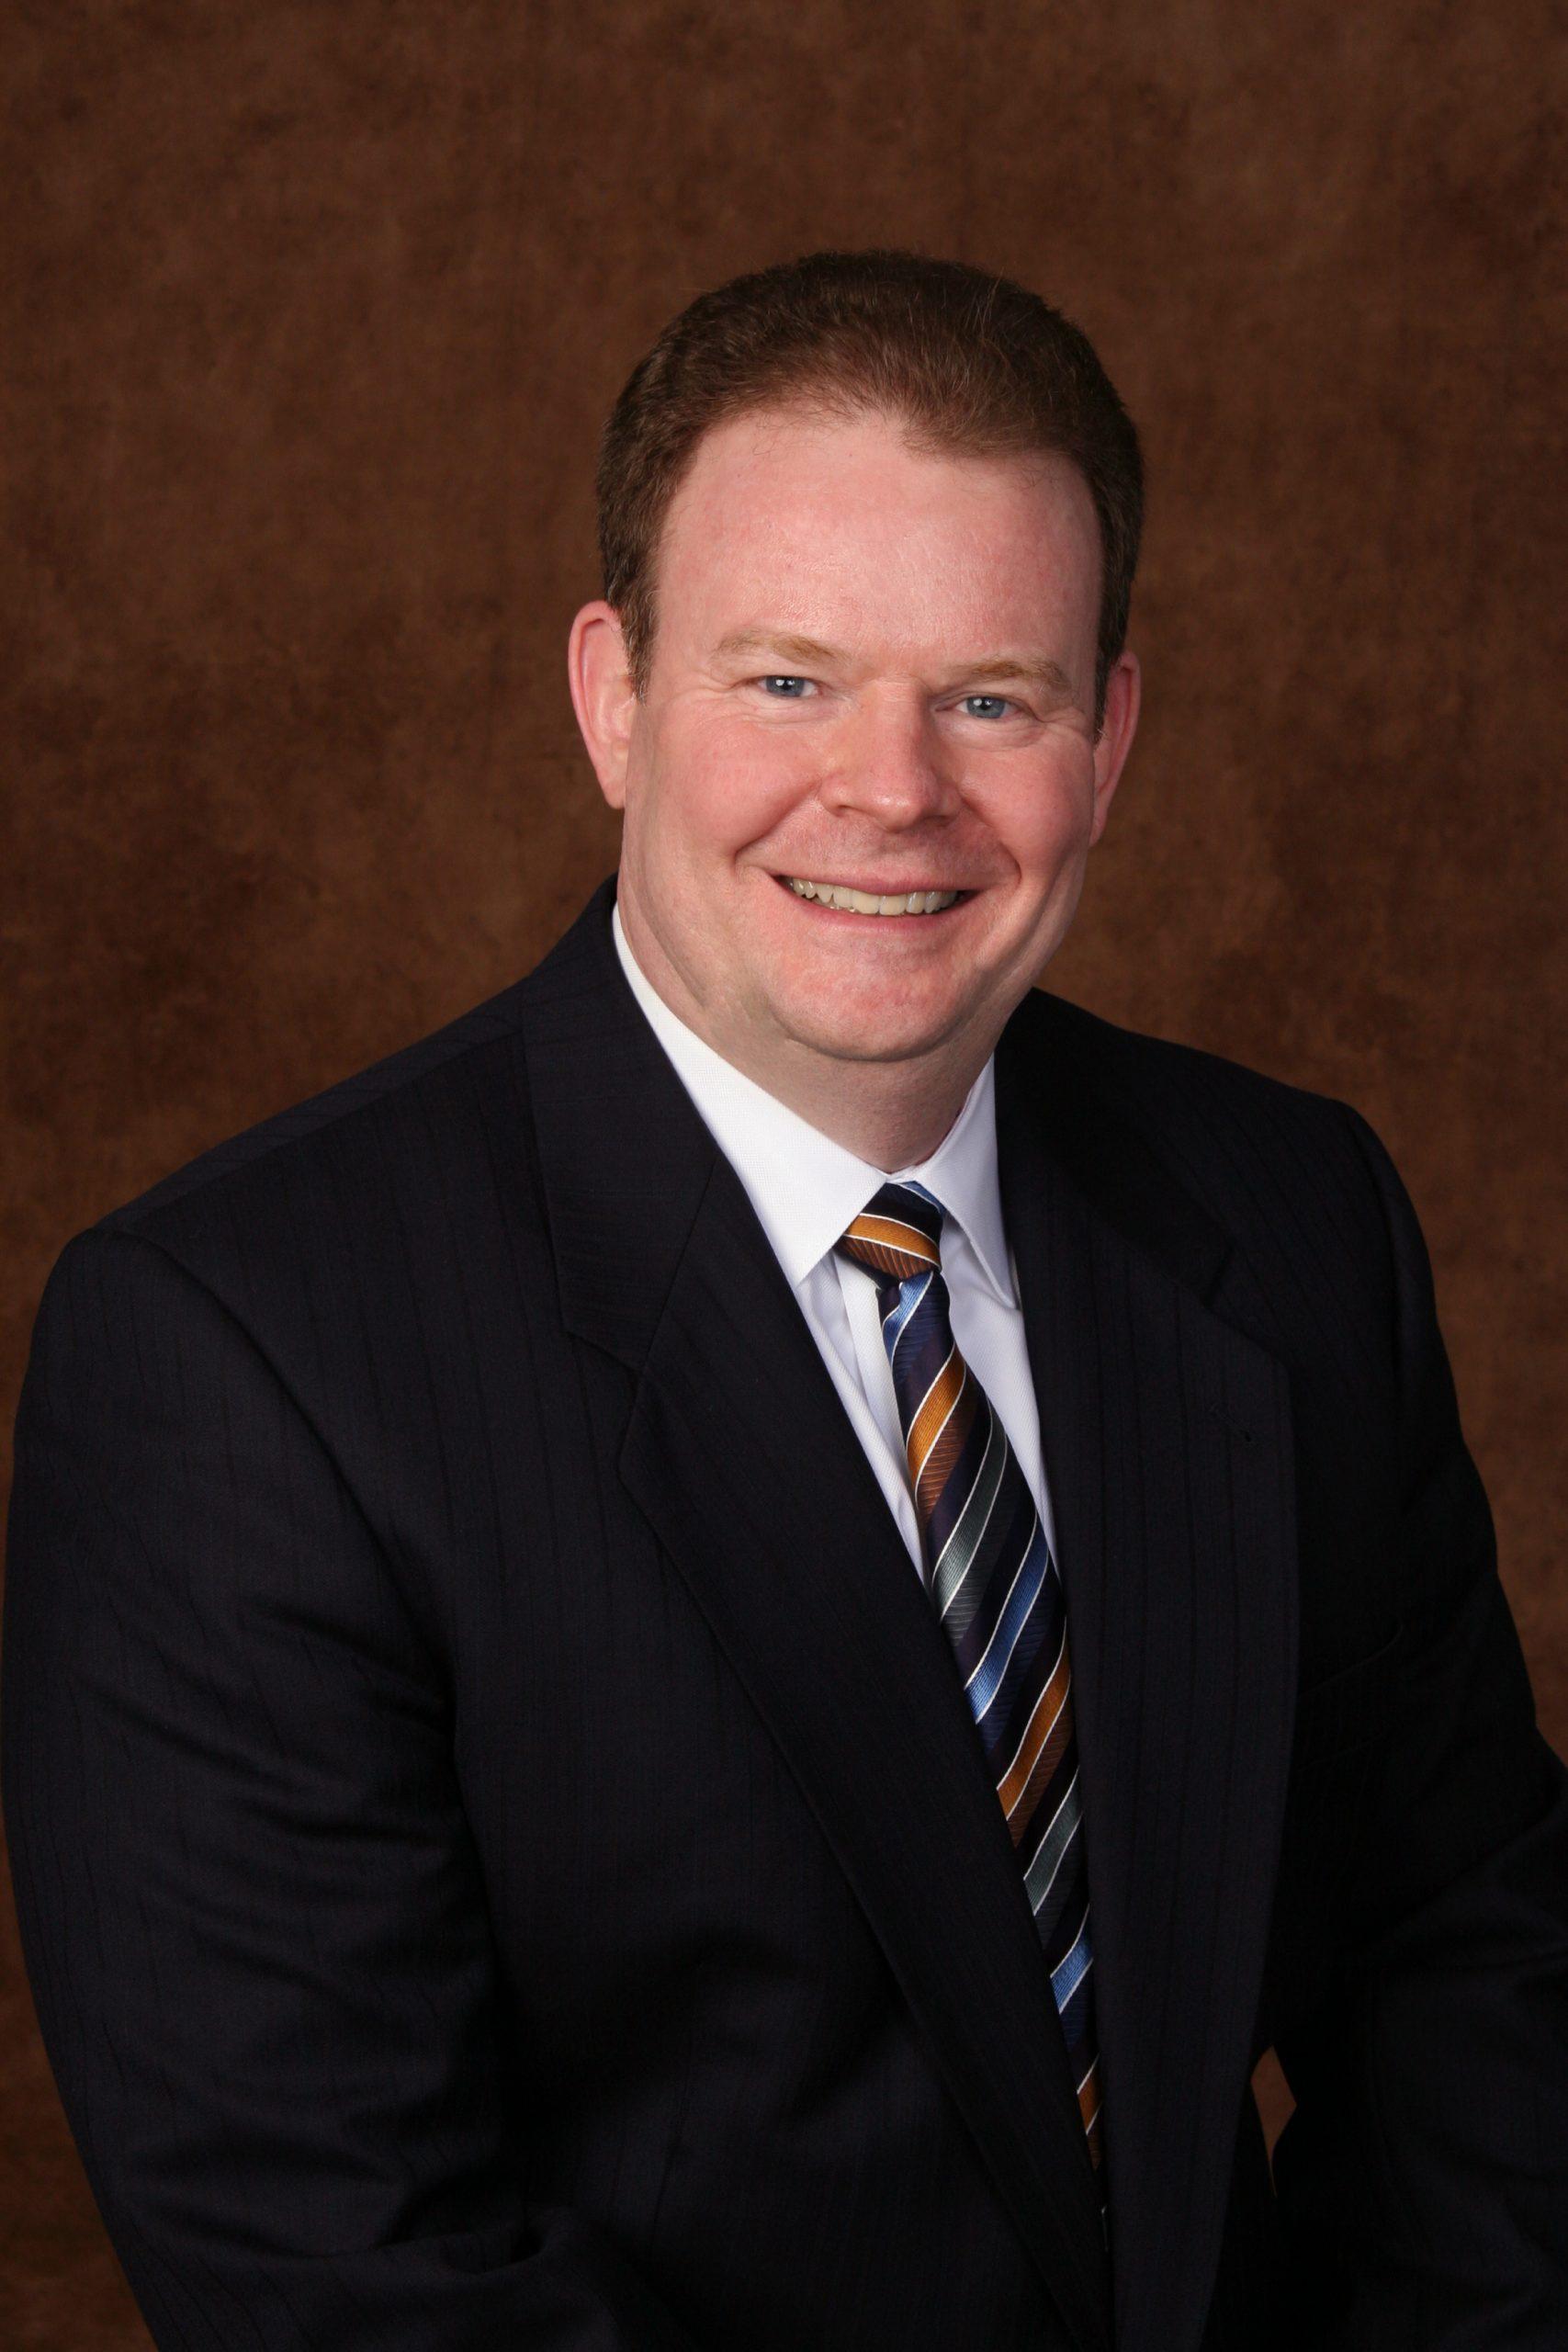 Greg Younts